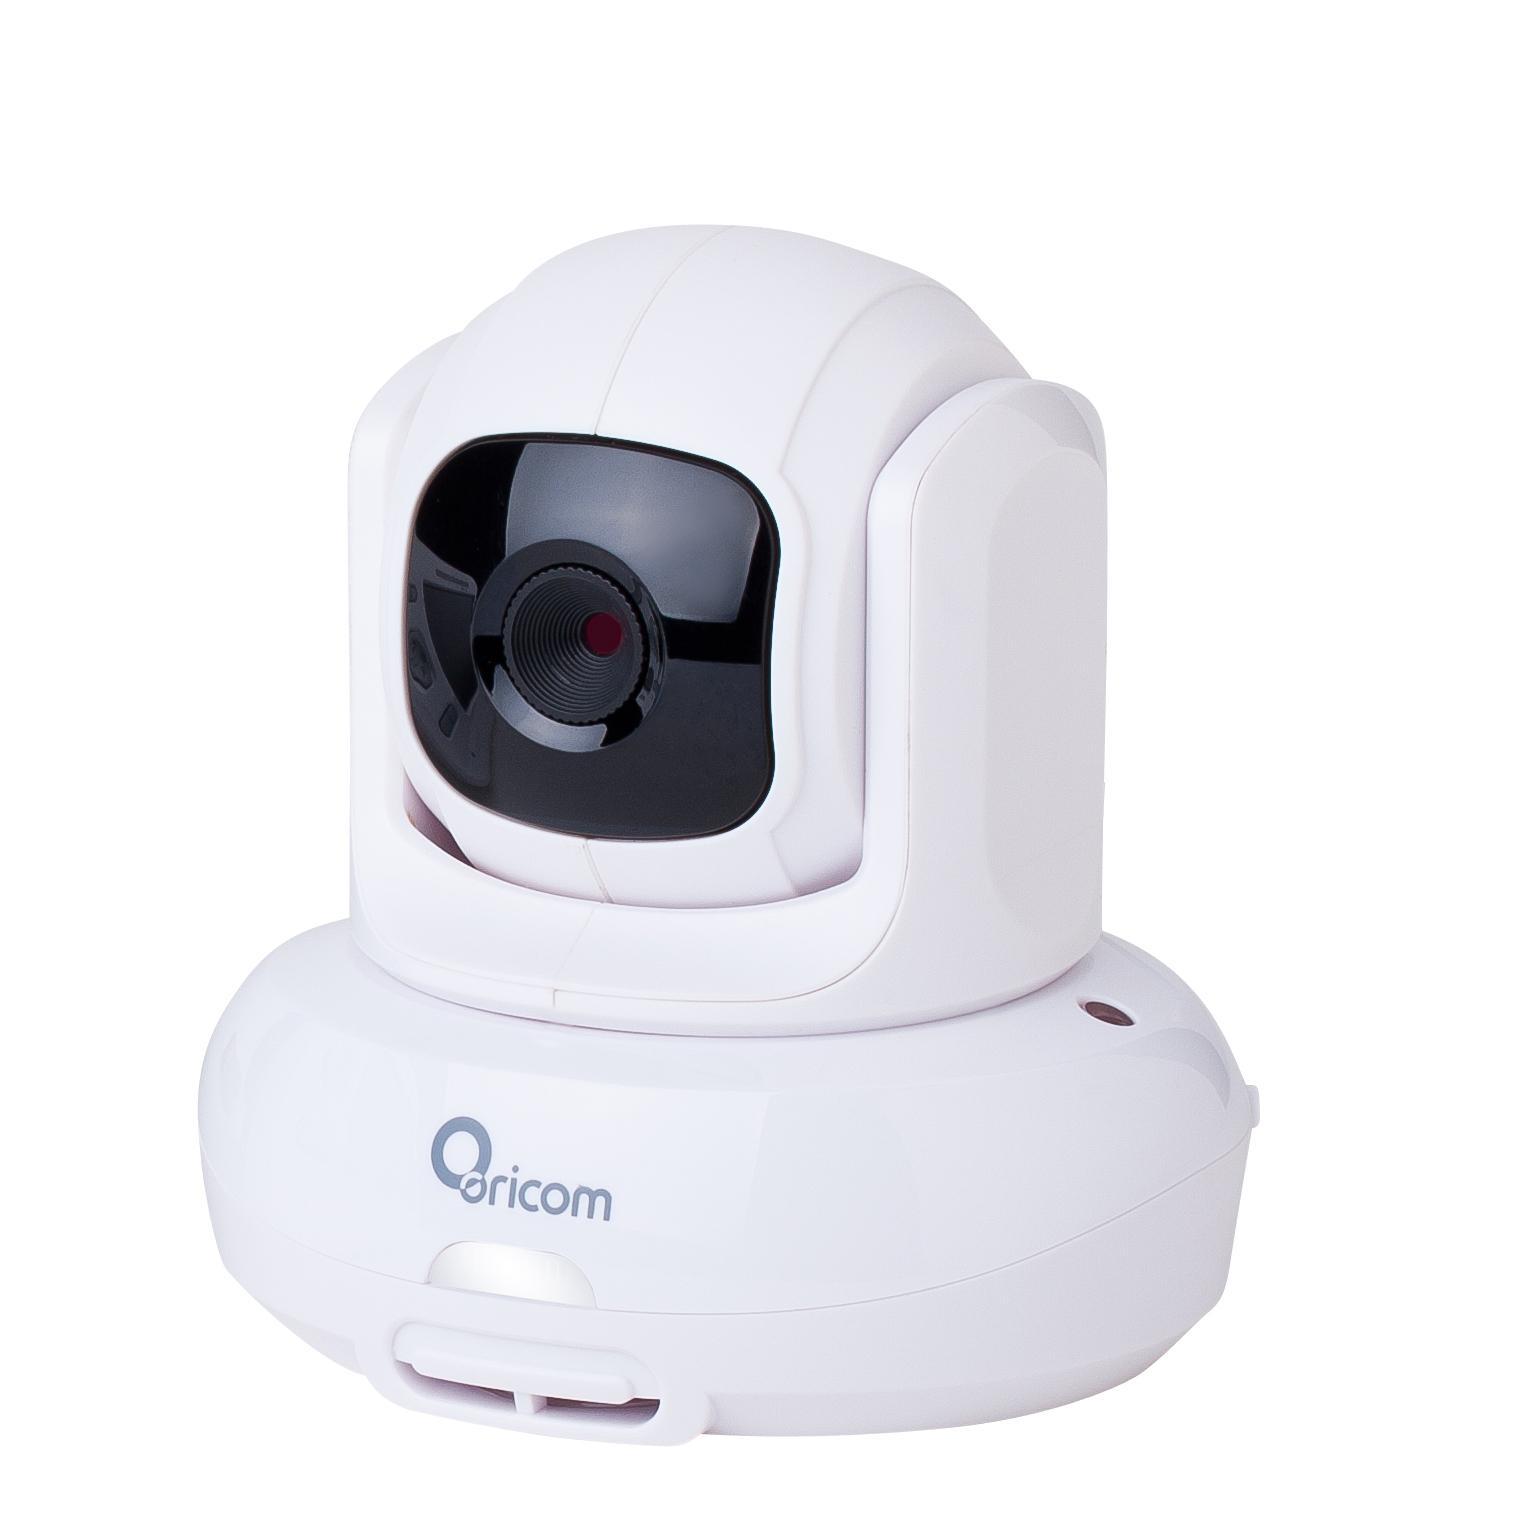 Oricom 850 Camera Unit